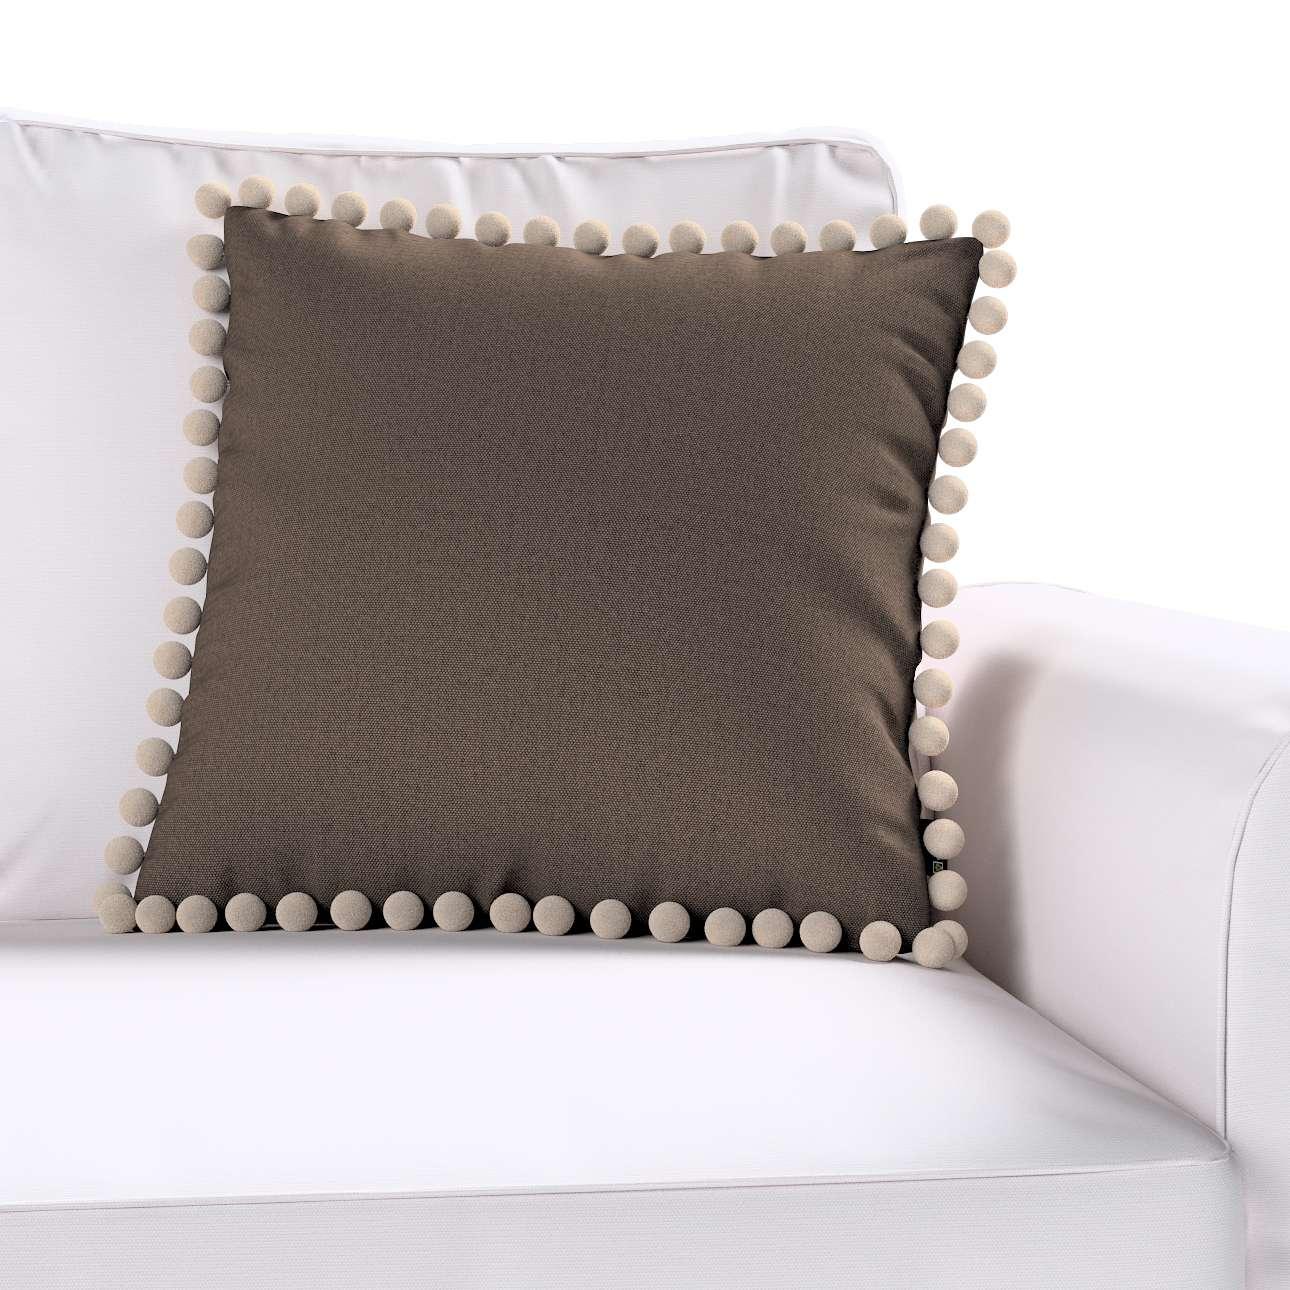 Wera dekoratyvinės pagalvėlės užvalkalas su žaismingais kraštais kolekcijoje Etna , audinys: 705-08